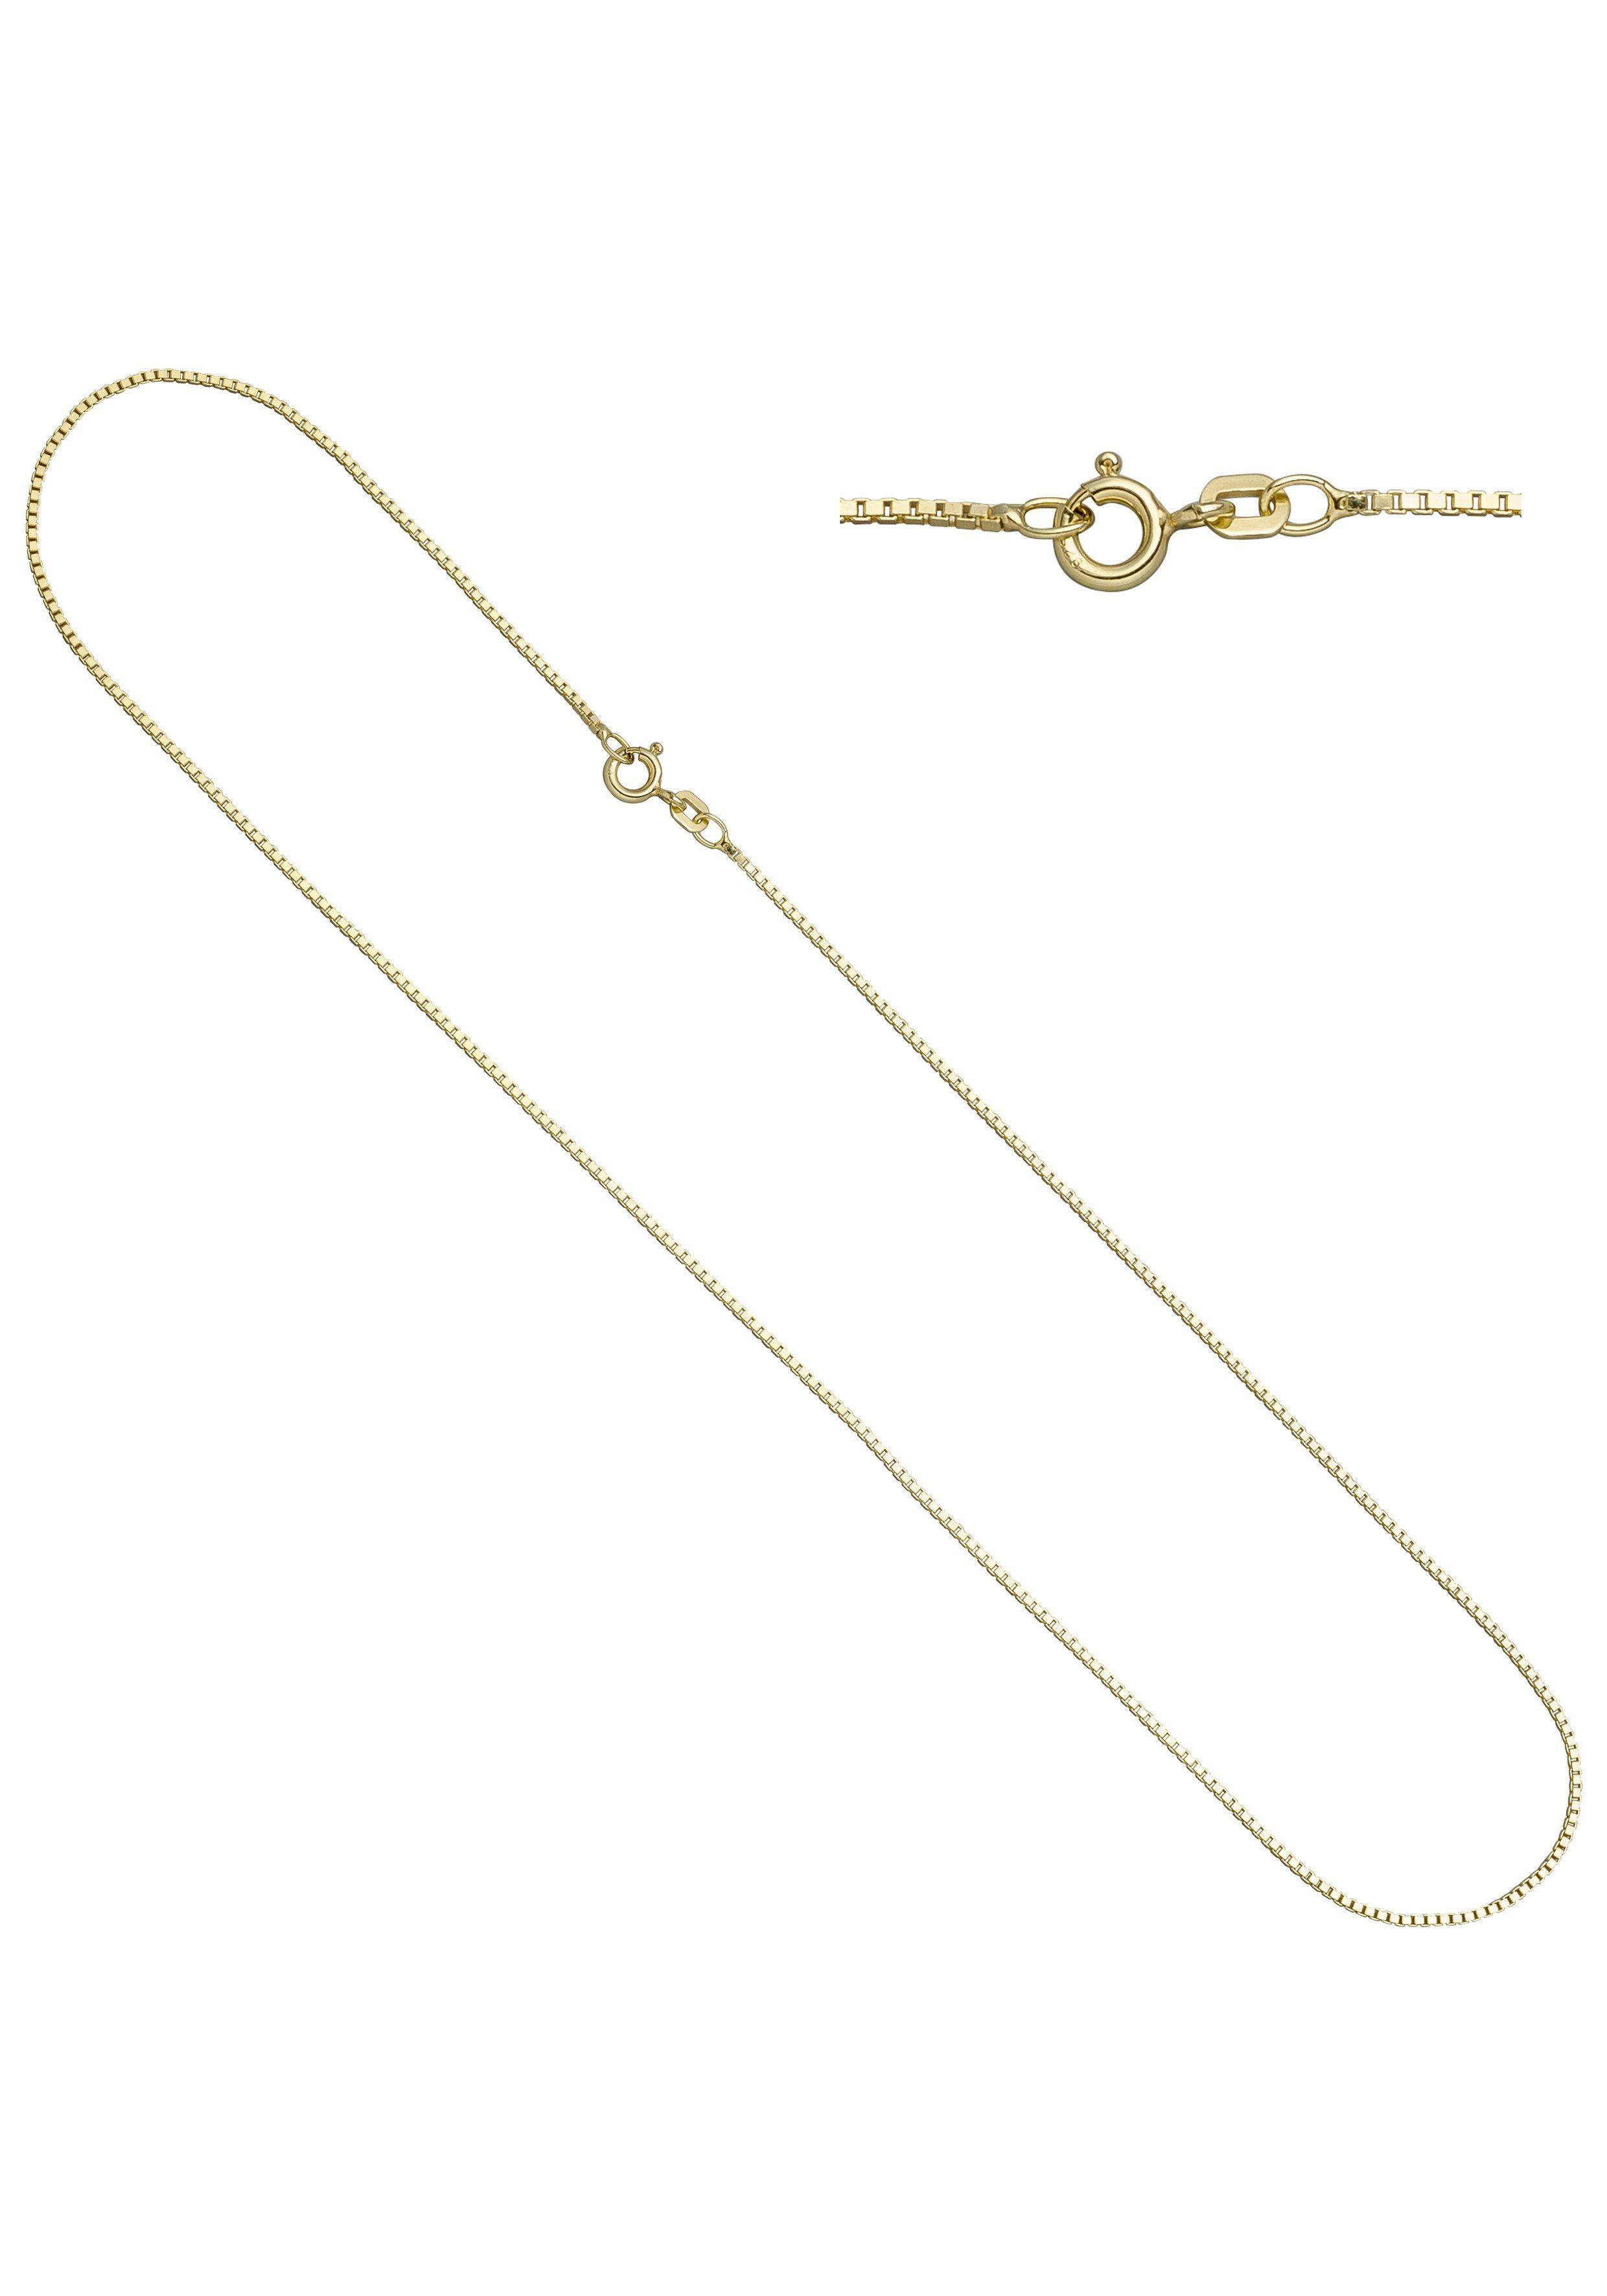 JOBO Kette ohne Anhänger Venezianerkette 925 Silber vergoldet 45 cm 1,3 mm